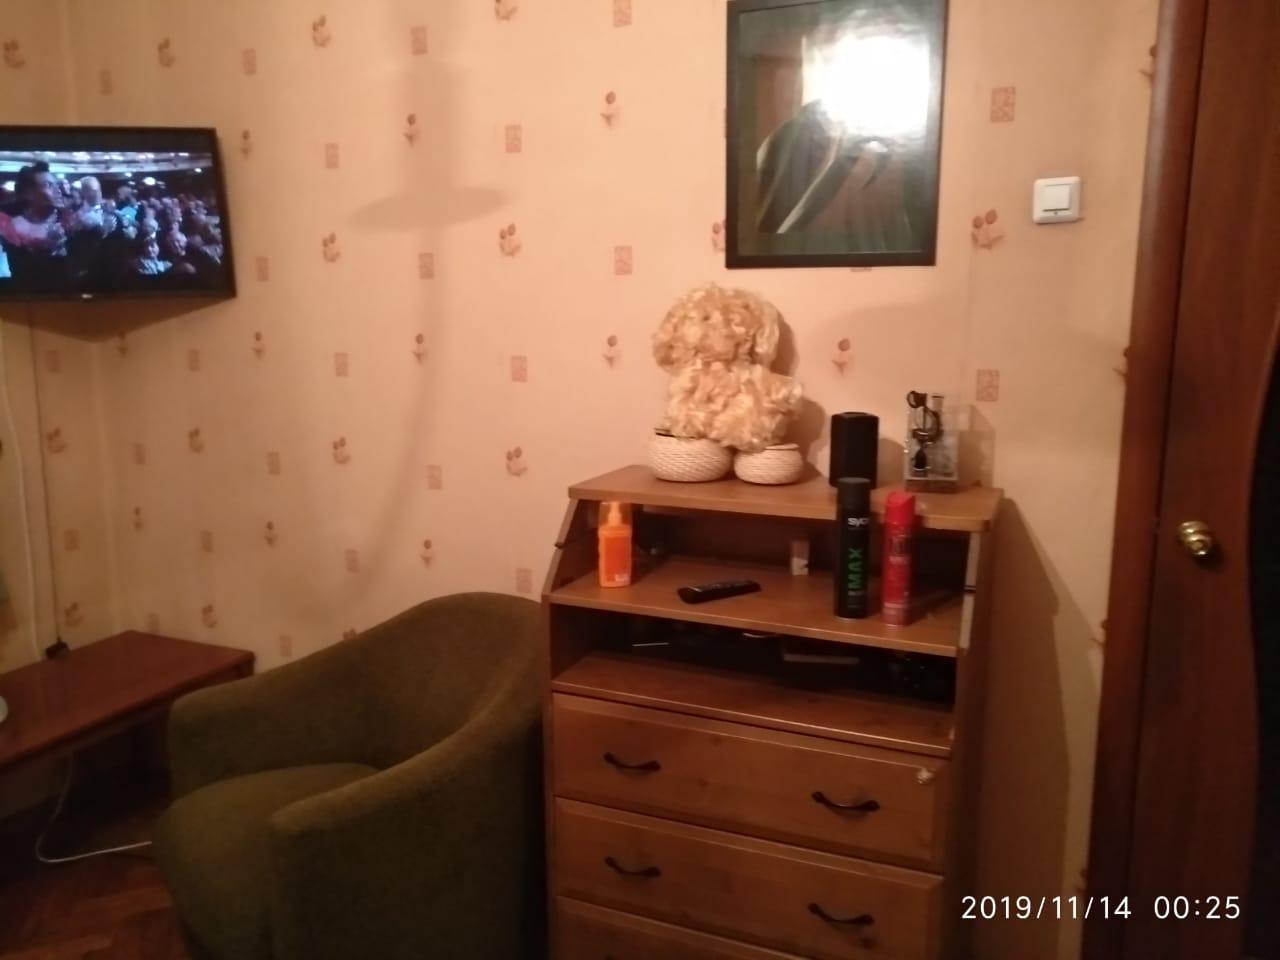 Квартира, 1 комната, 37 м² в Жуковском 89776056514 купить 5